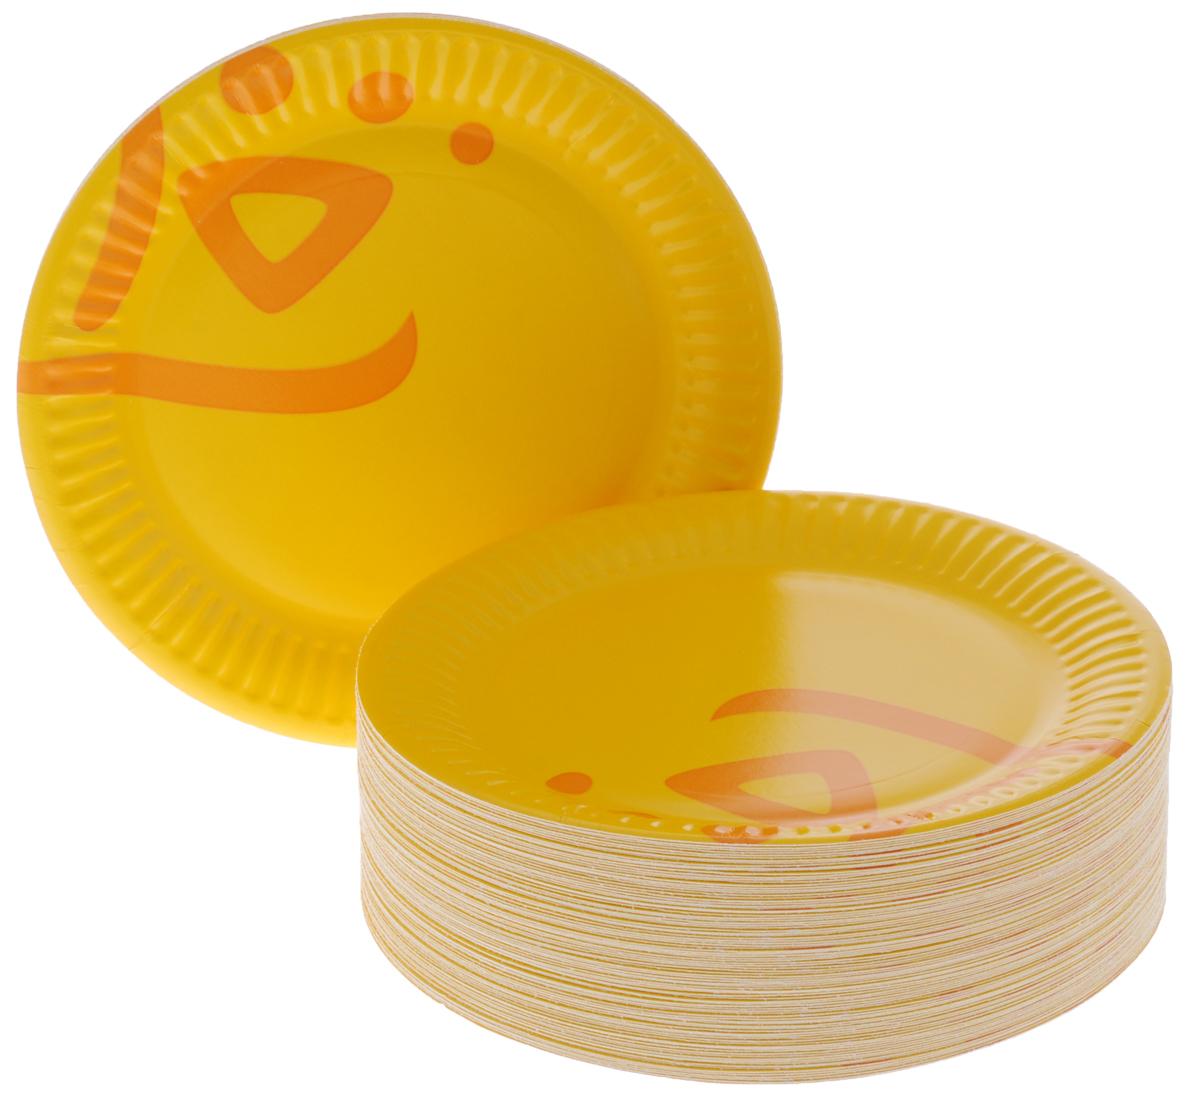 Набор одноразовых тарелок Huhtamaki Whizz, цвет: оранжевый, диаметр 15 см, 100 штПОС06122Набор Huhtamaki Whizz состоит из 100 круглых тарелок, выполненных из плотной бумаги и предназначенных для одноразового использования. Изделия декорированы оригинальным узором. Одноразовые тарелки будут незаменимы при поездках на природу, пикниках и других мероприятиях. Они не займут много места, легки и самое главное - после использования их не надо мыть. Диаметр тарелки (по верхнему краю): 15 см.